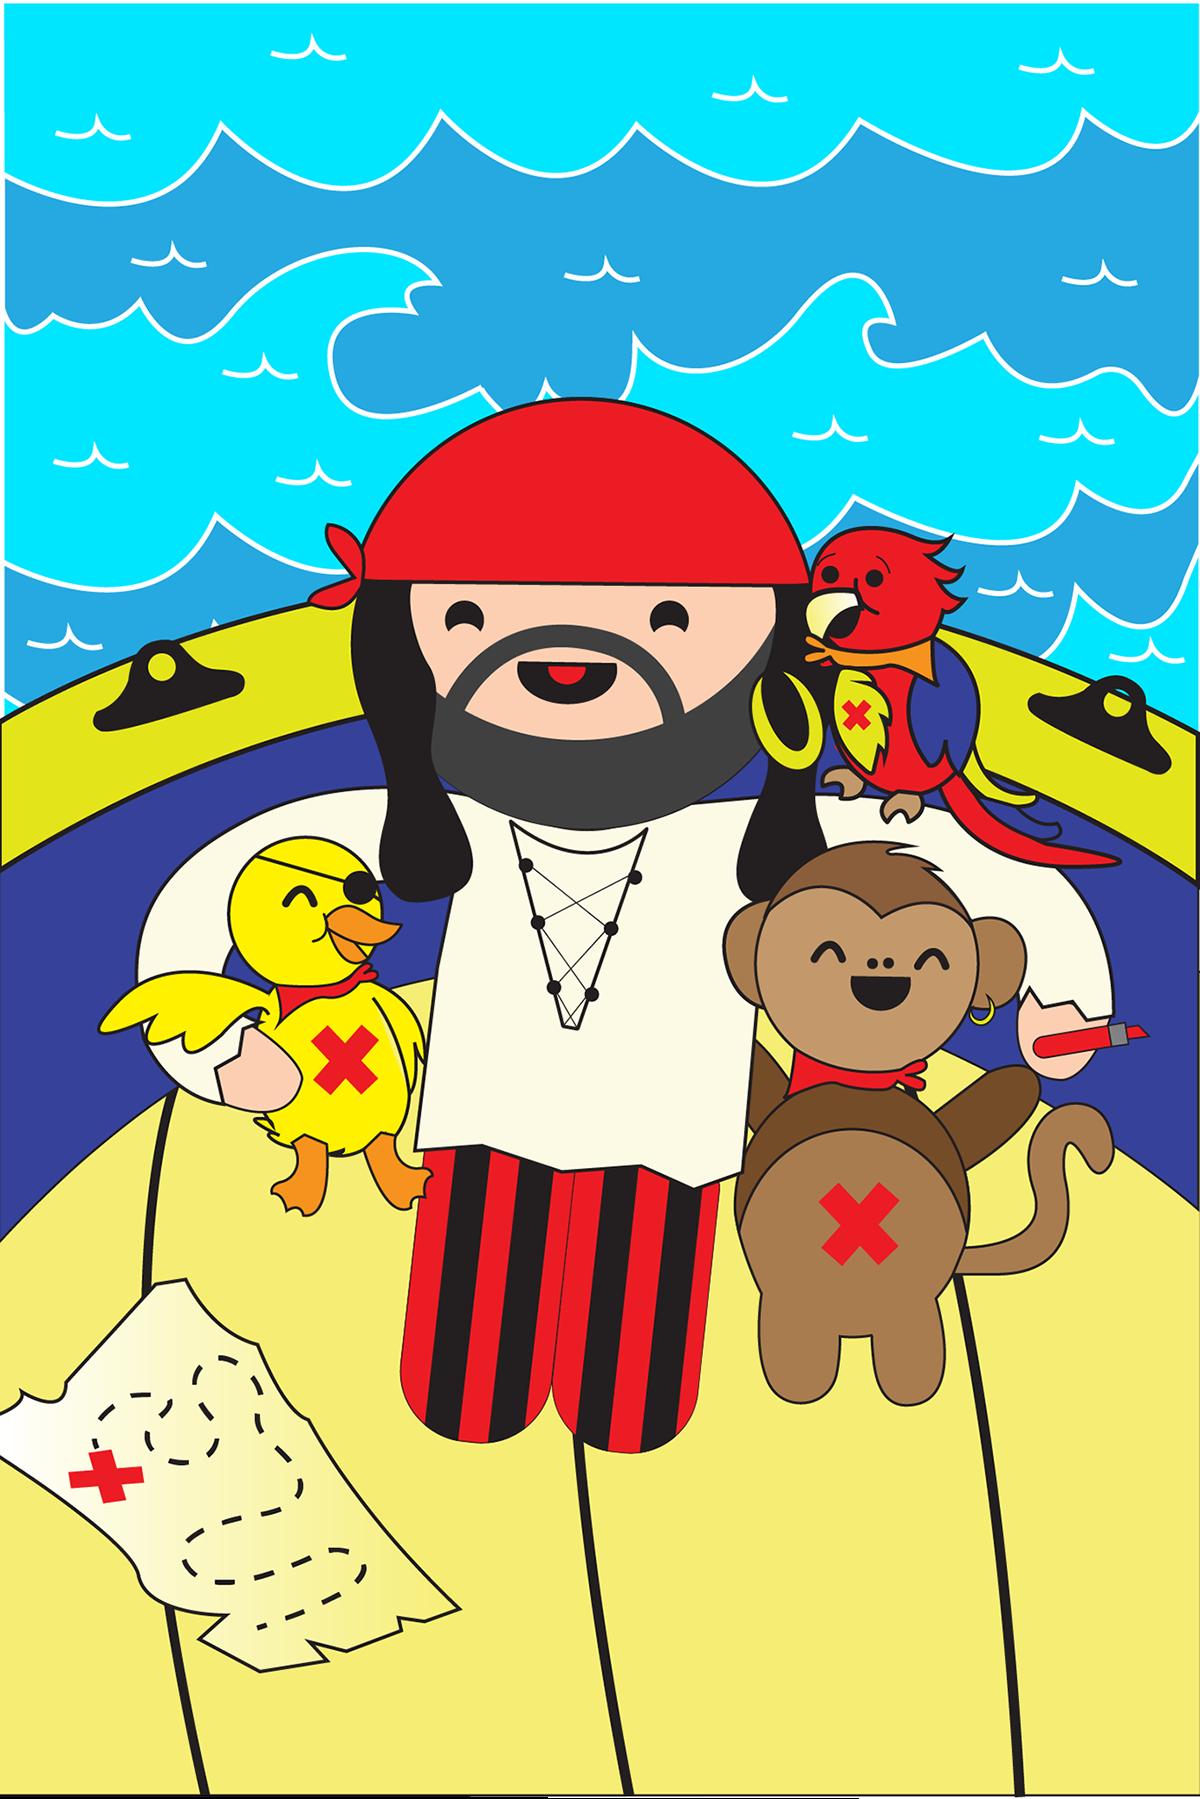 TFO boukili children books kids illustration kids children books book story time Stories pirate friendship